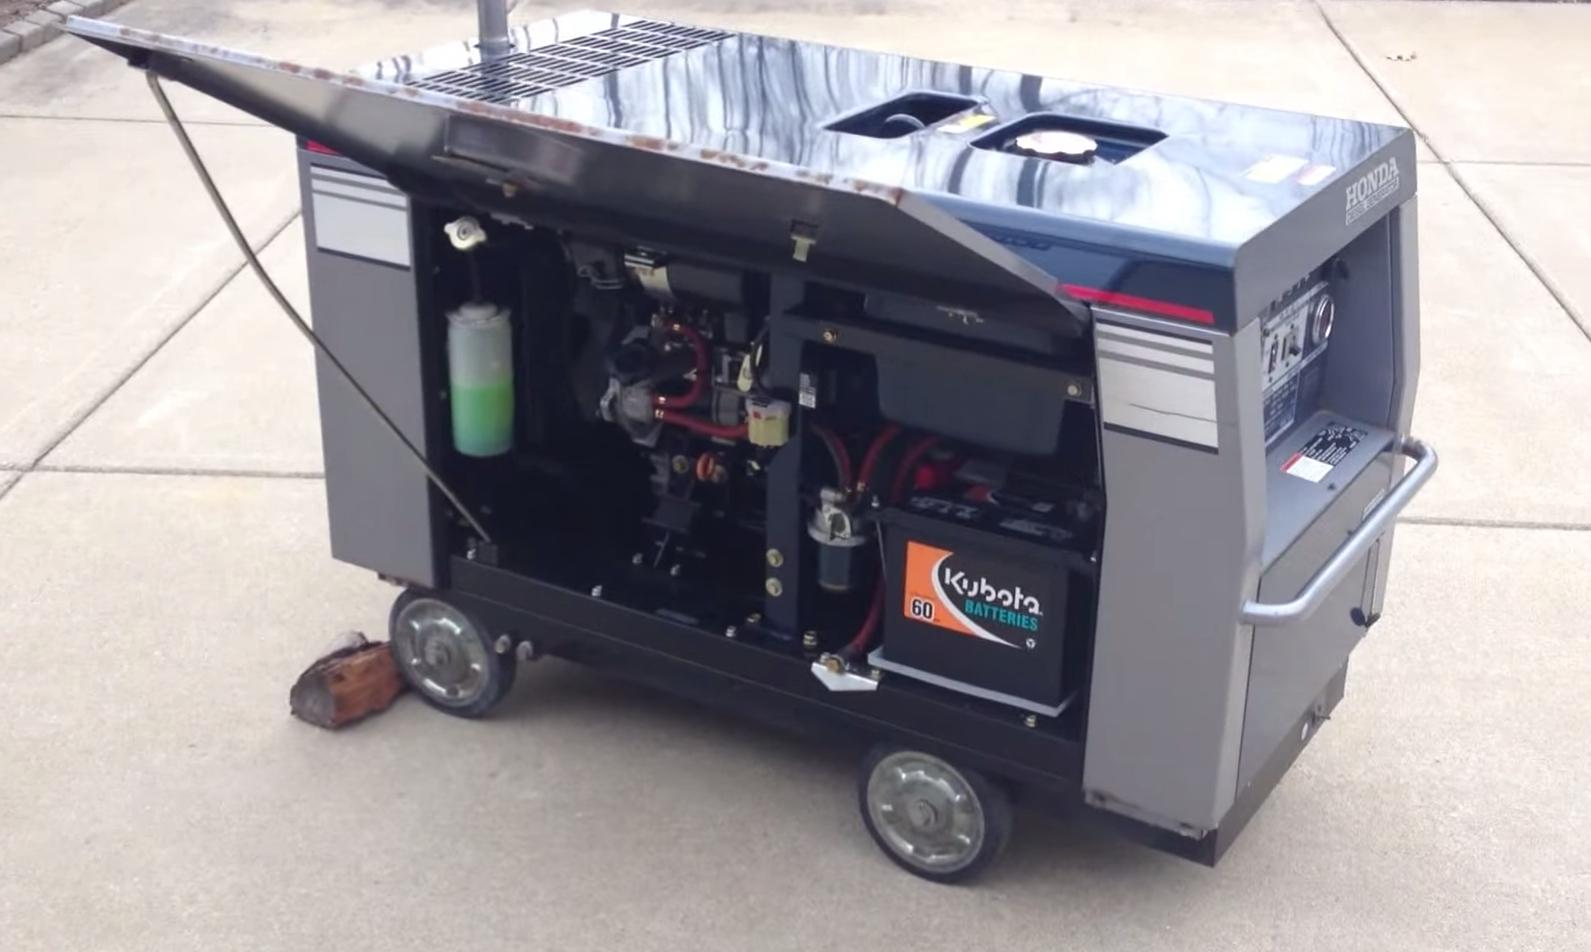 Used Diesel Generators for Sale | Portable Diesel Generator